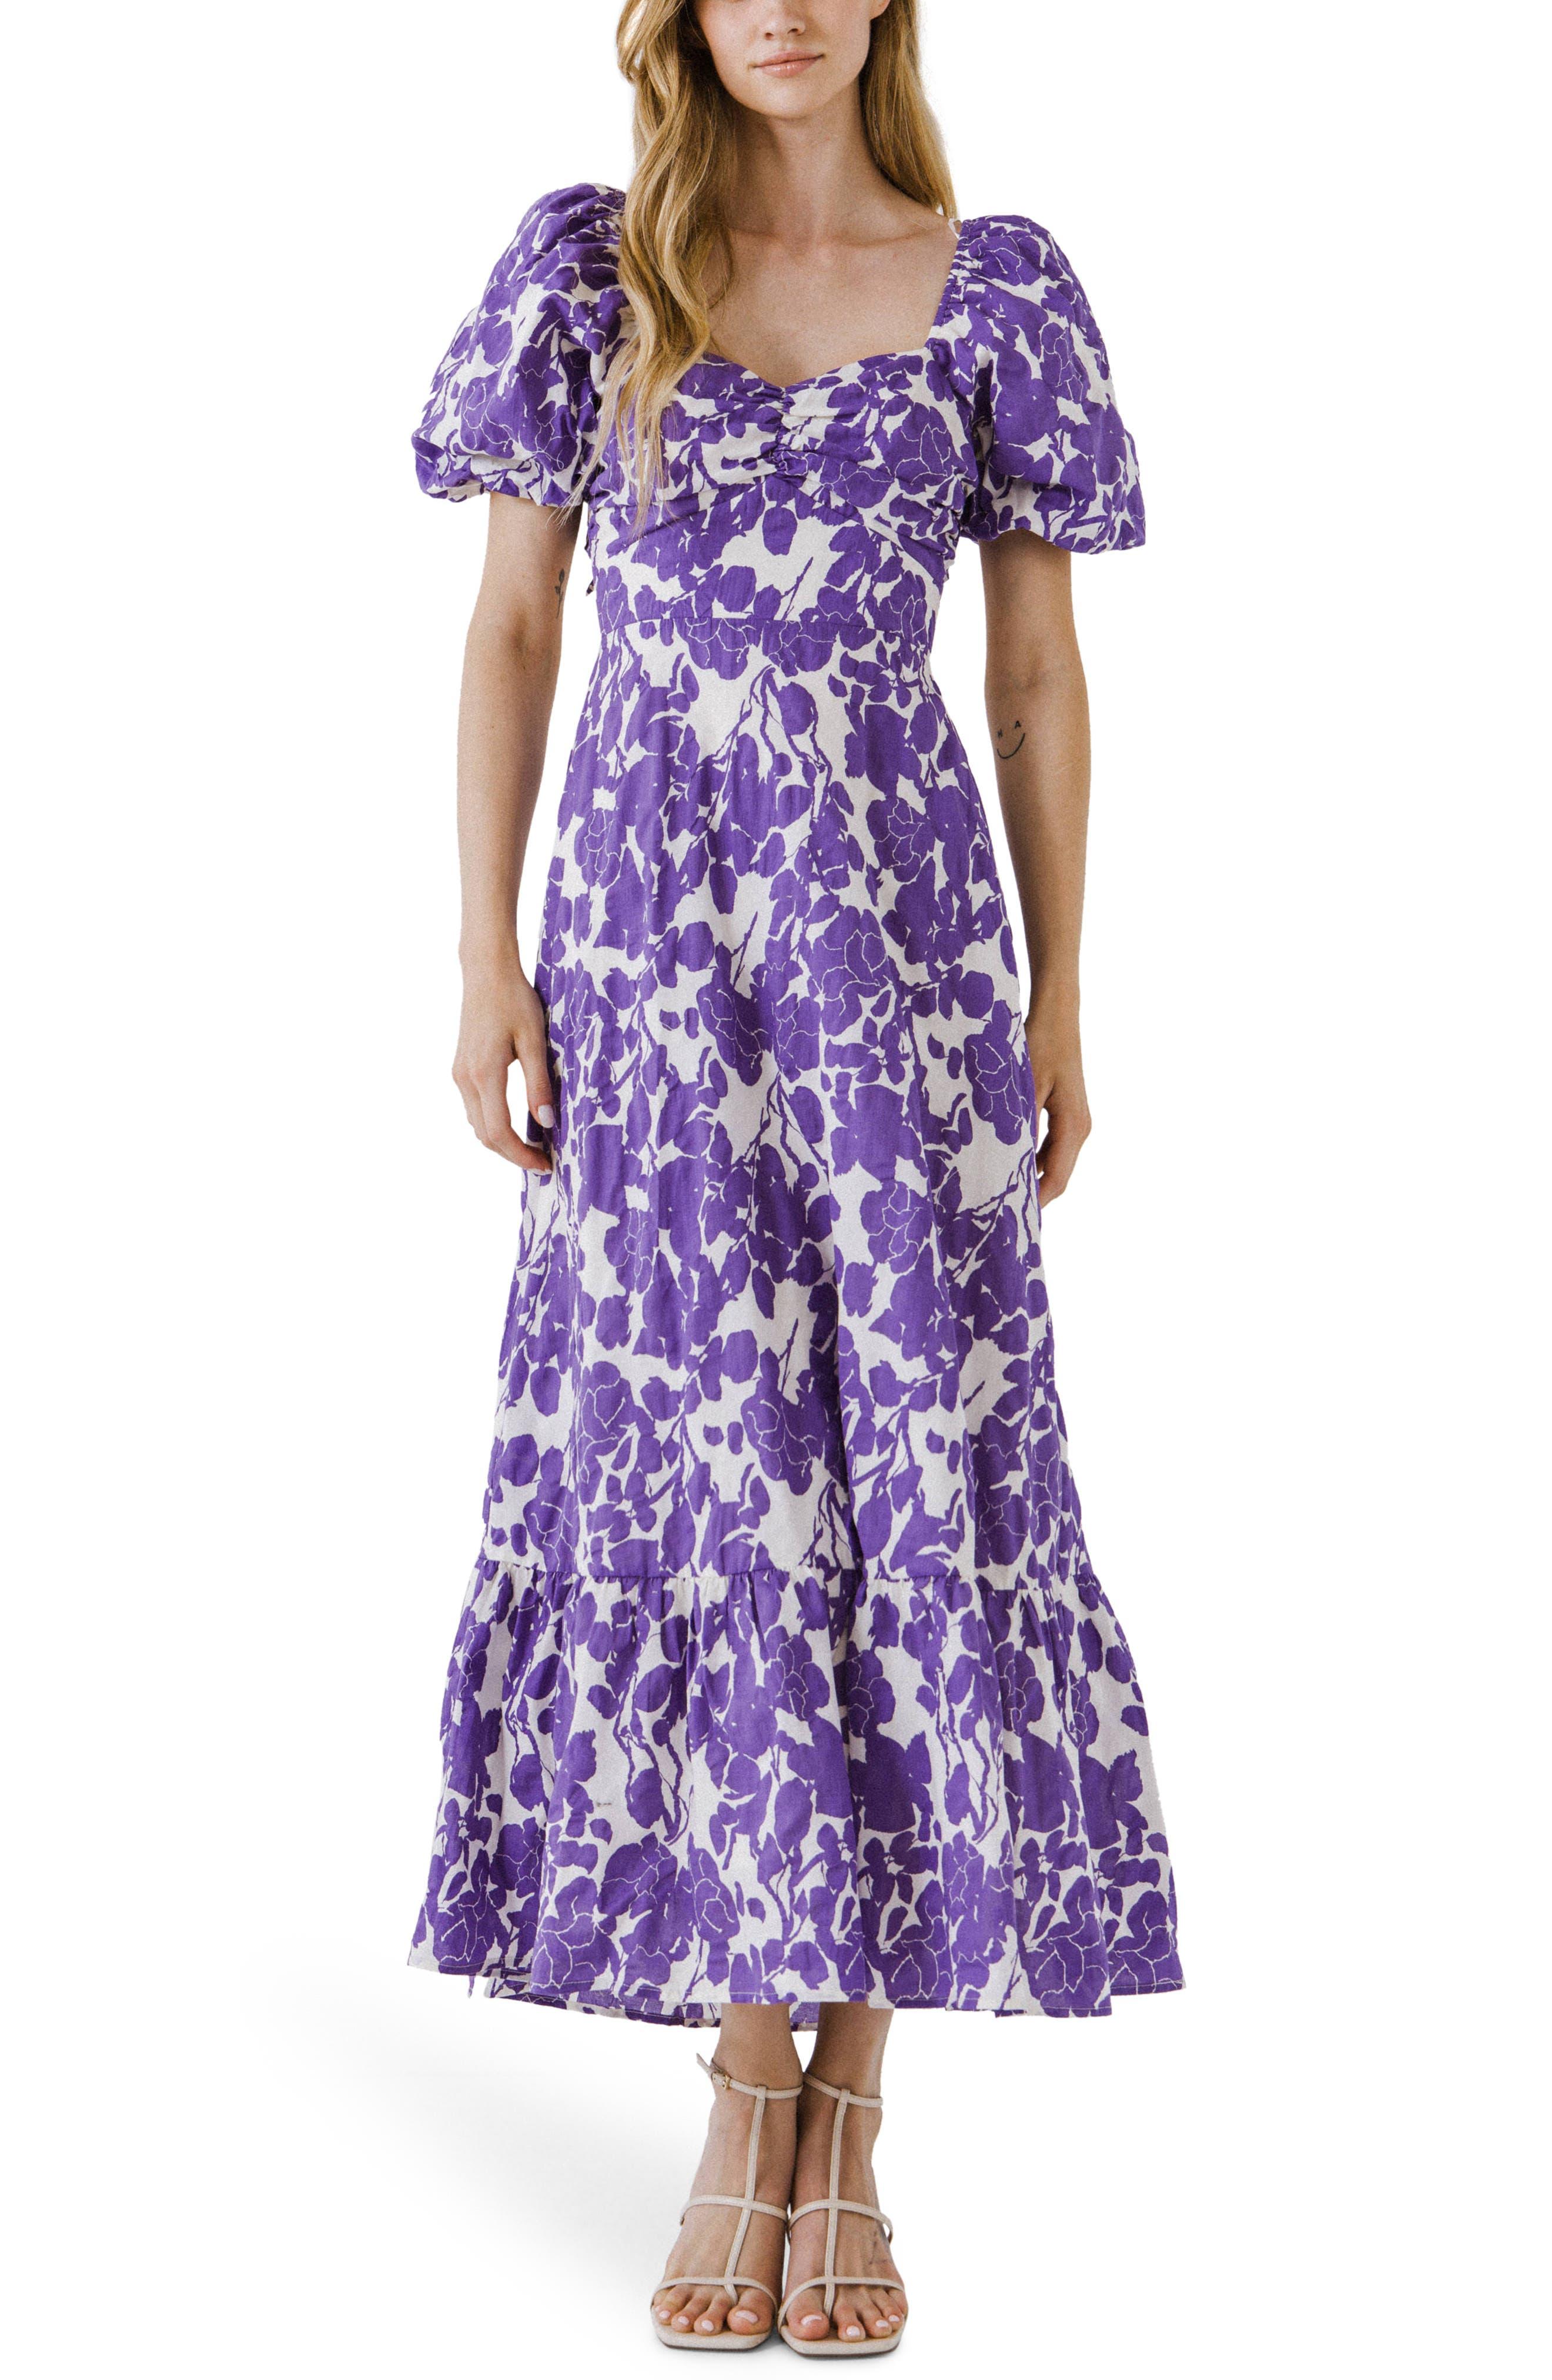 Floral Print Cotton Maxi Dress